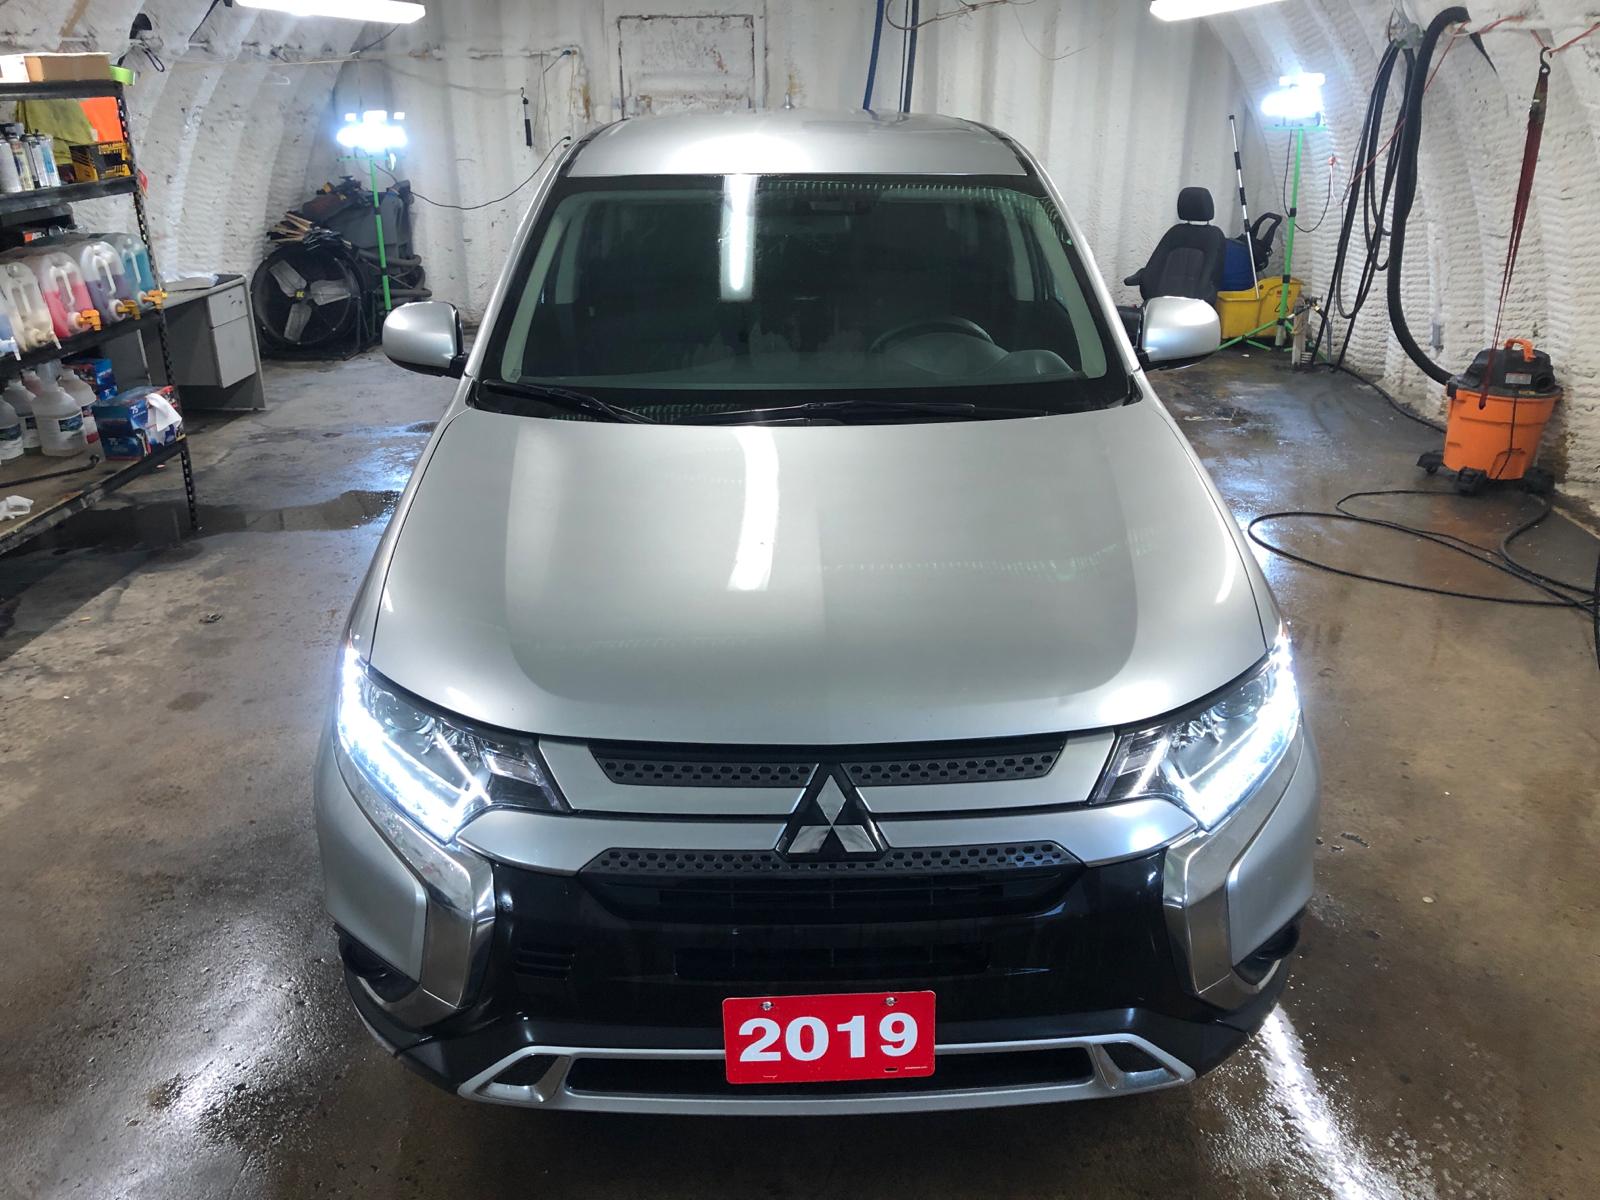 2019 Mitsubishi Outlander 4WD * Alloy rims * Passive